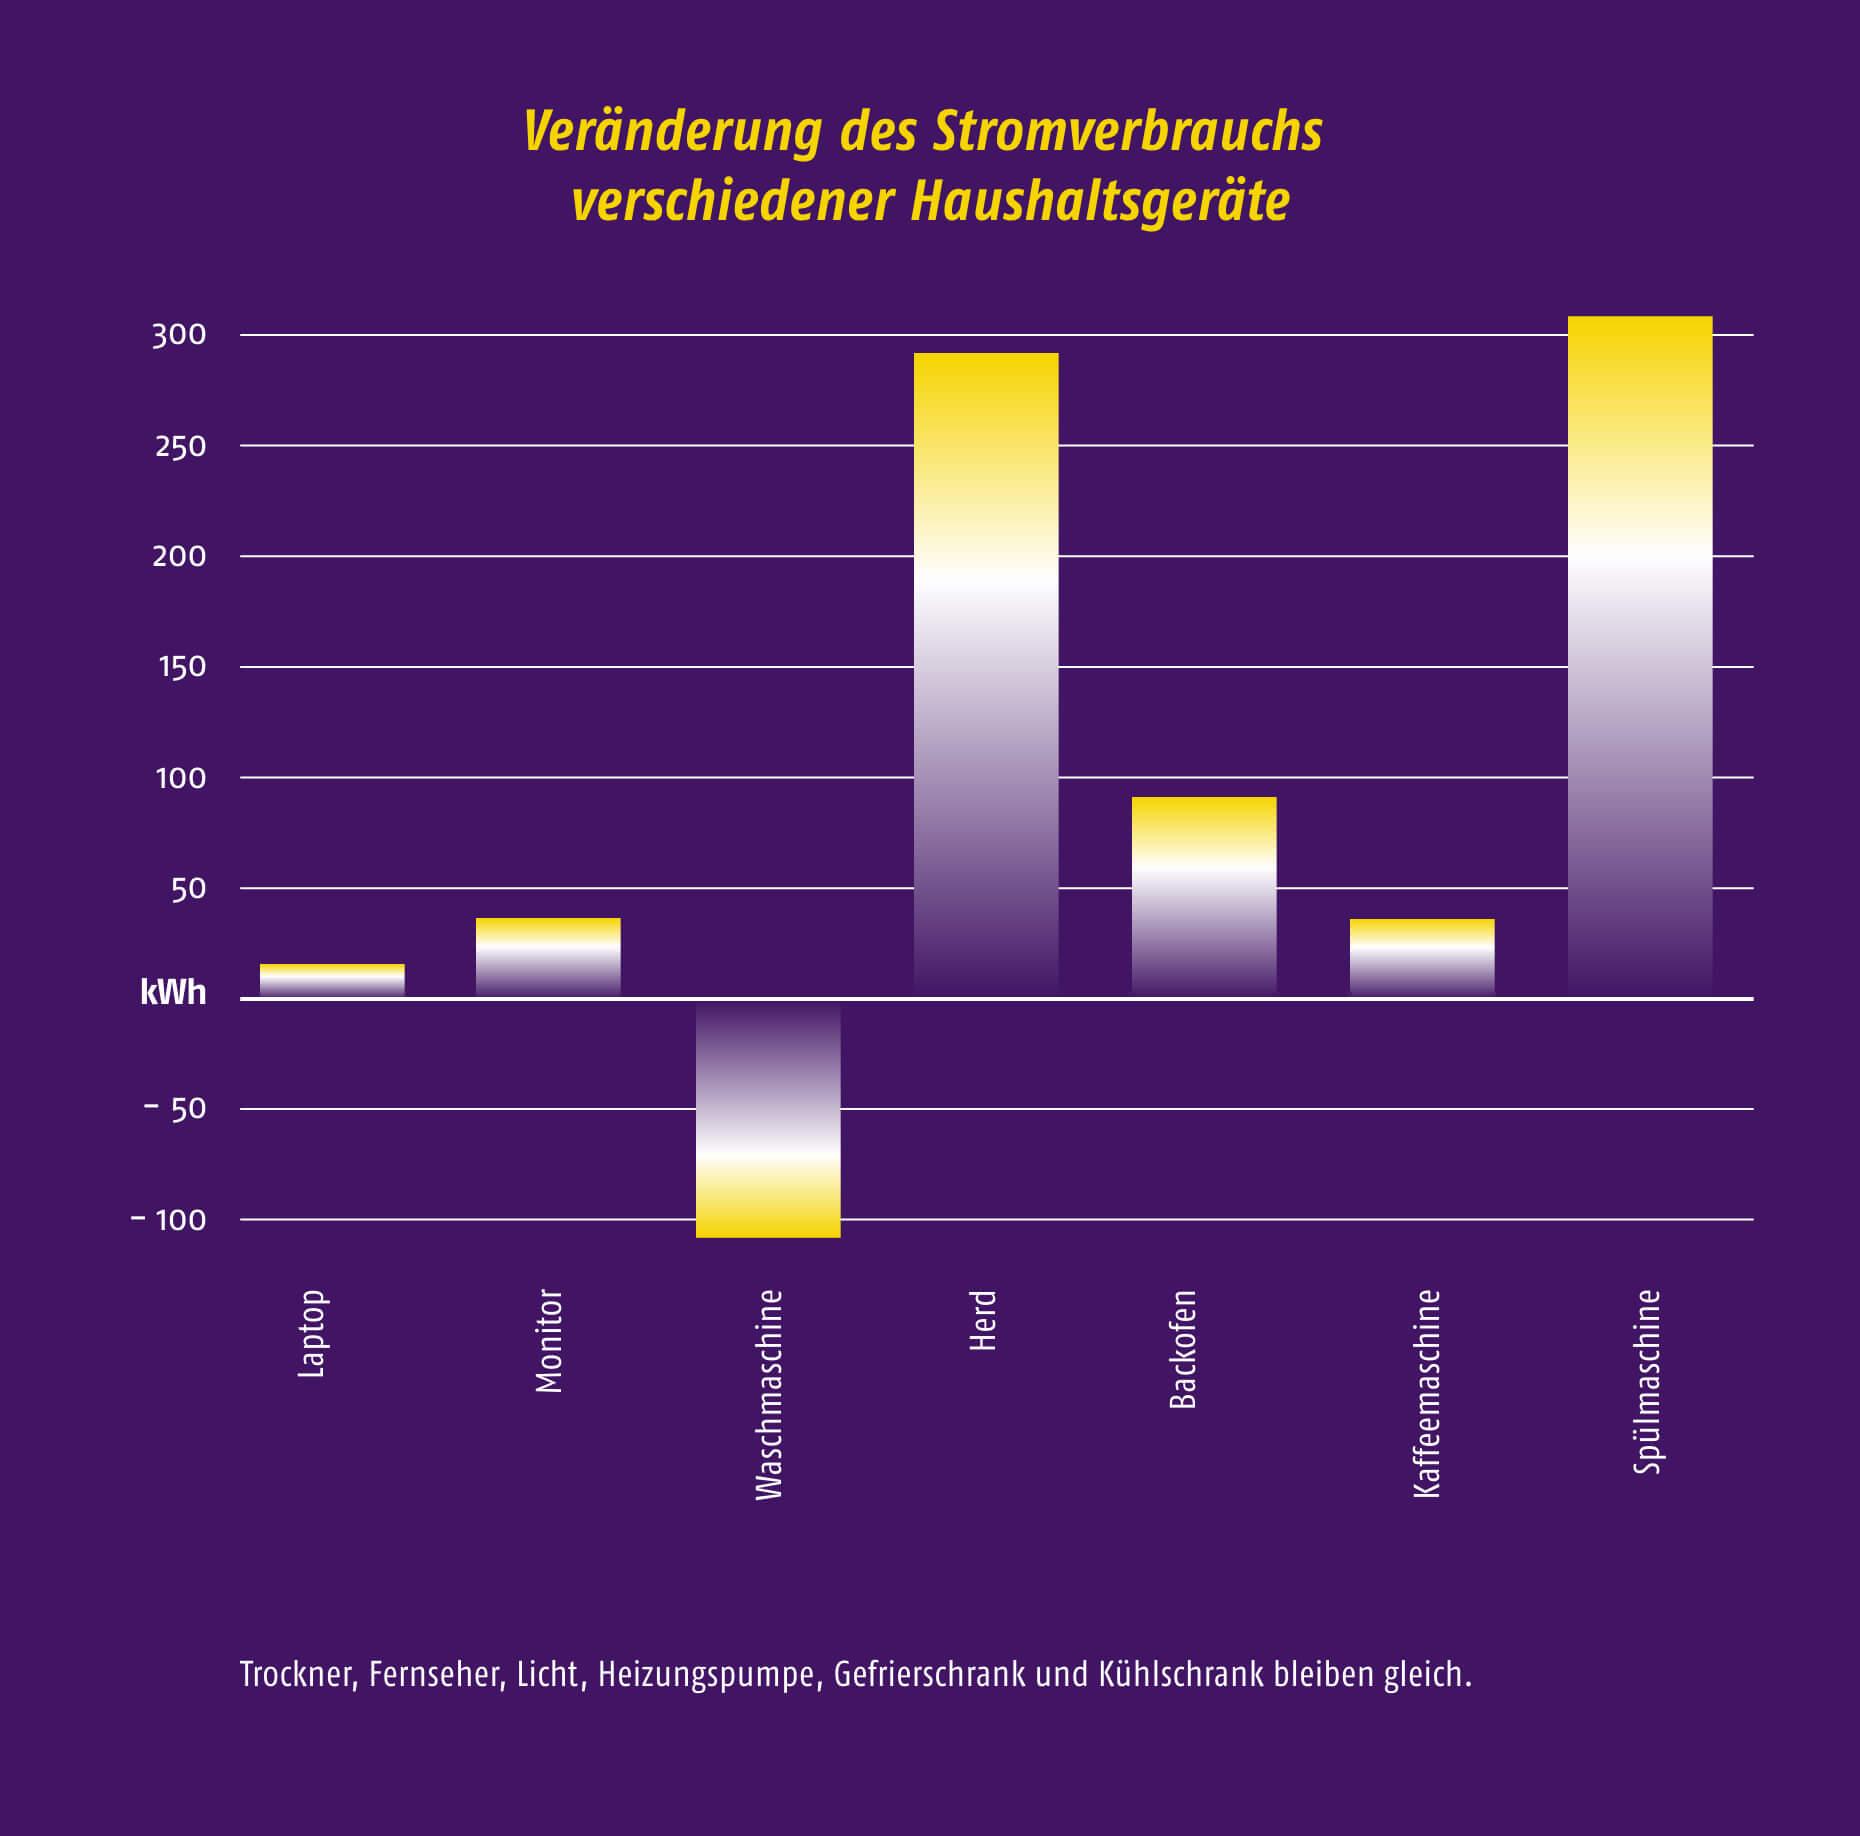 Höherer Stromverbrauch durch Corona - Veränderung des Stromverbrauchs verschiedener Geräte eines 4-Personen-Musterhaushalts